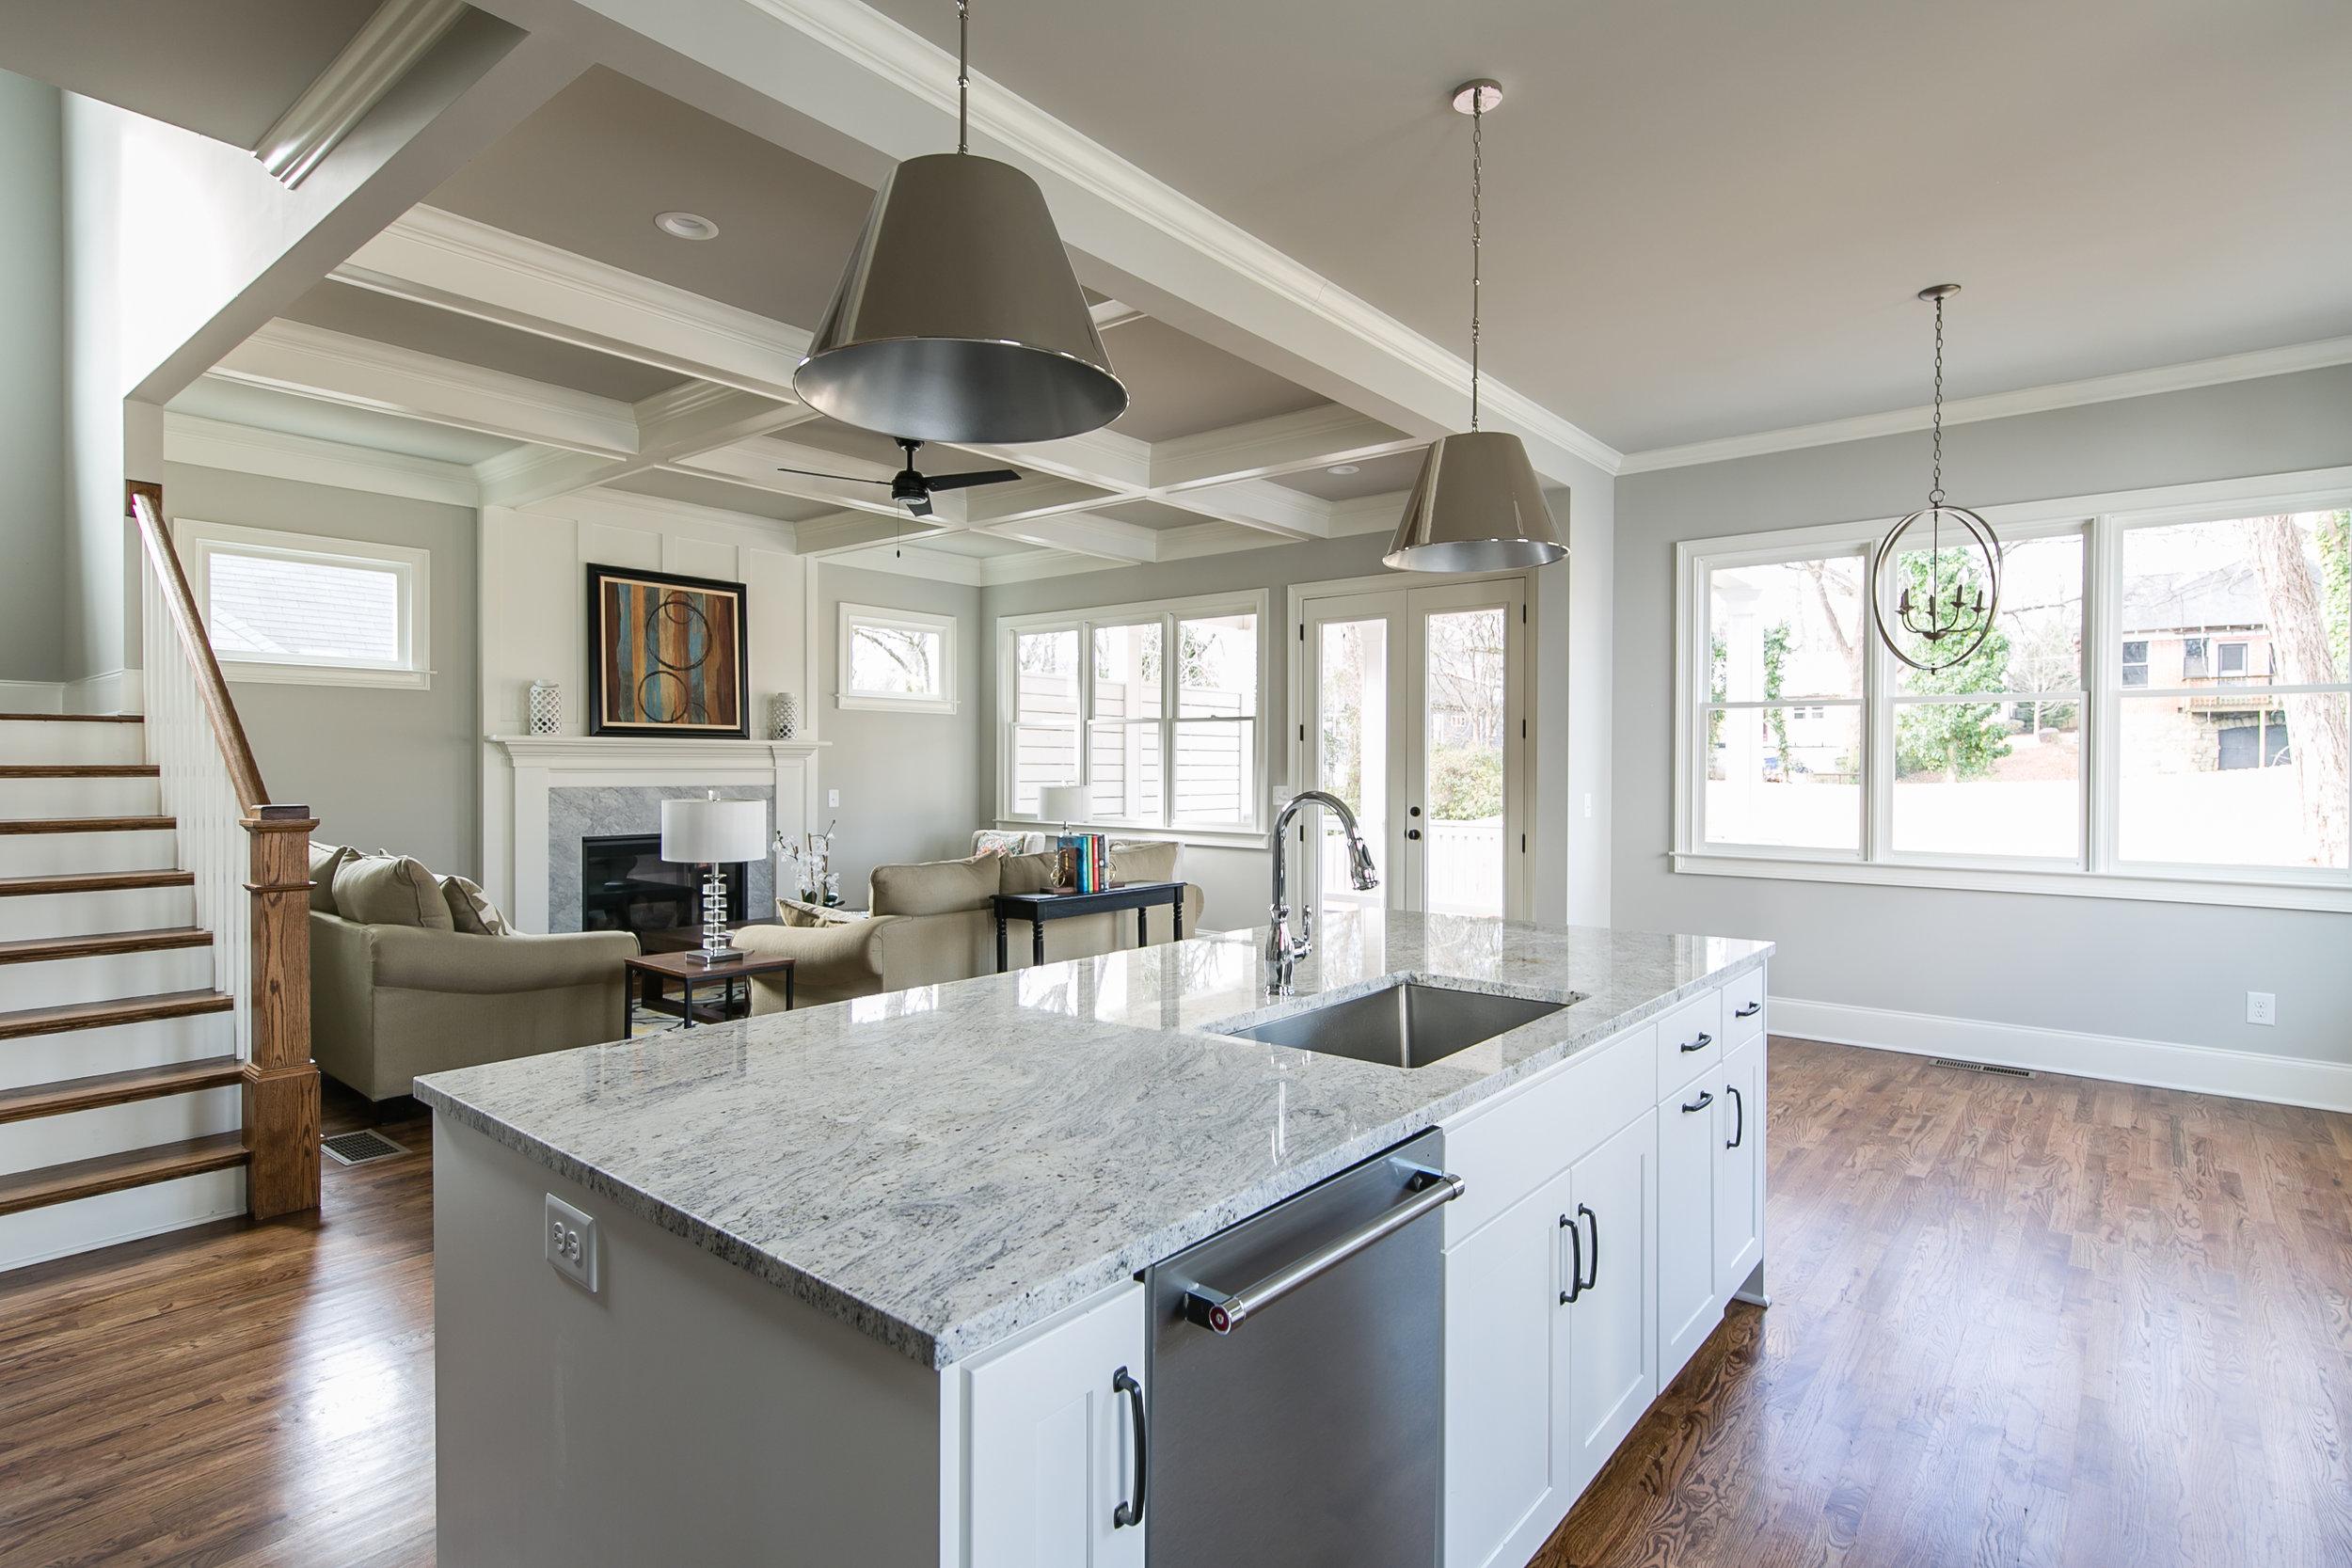 252 Rockyford-Kitchen 3.jpg